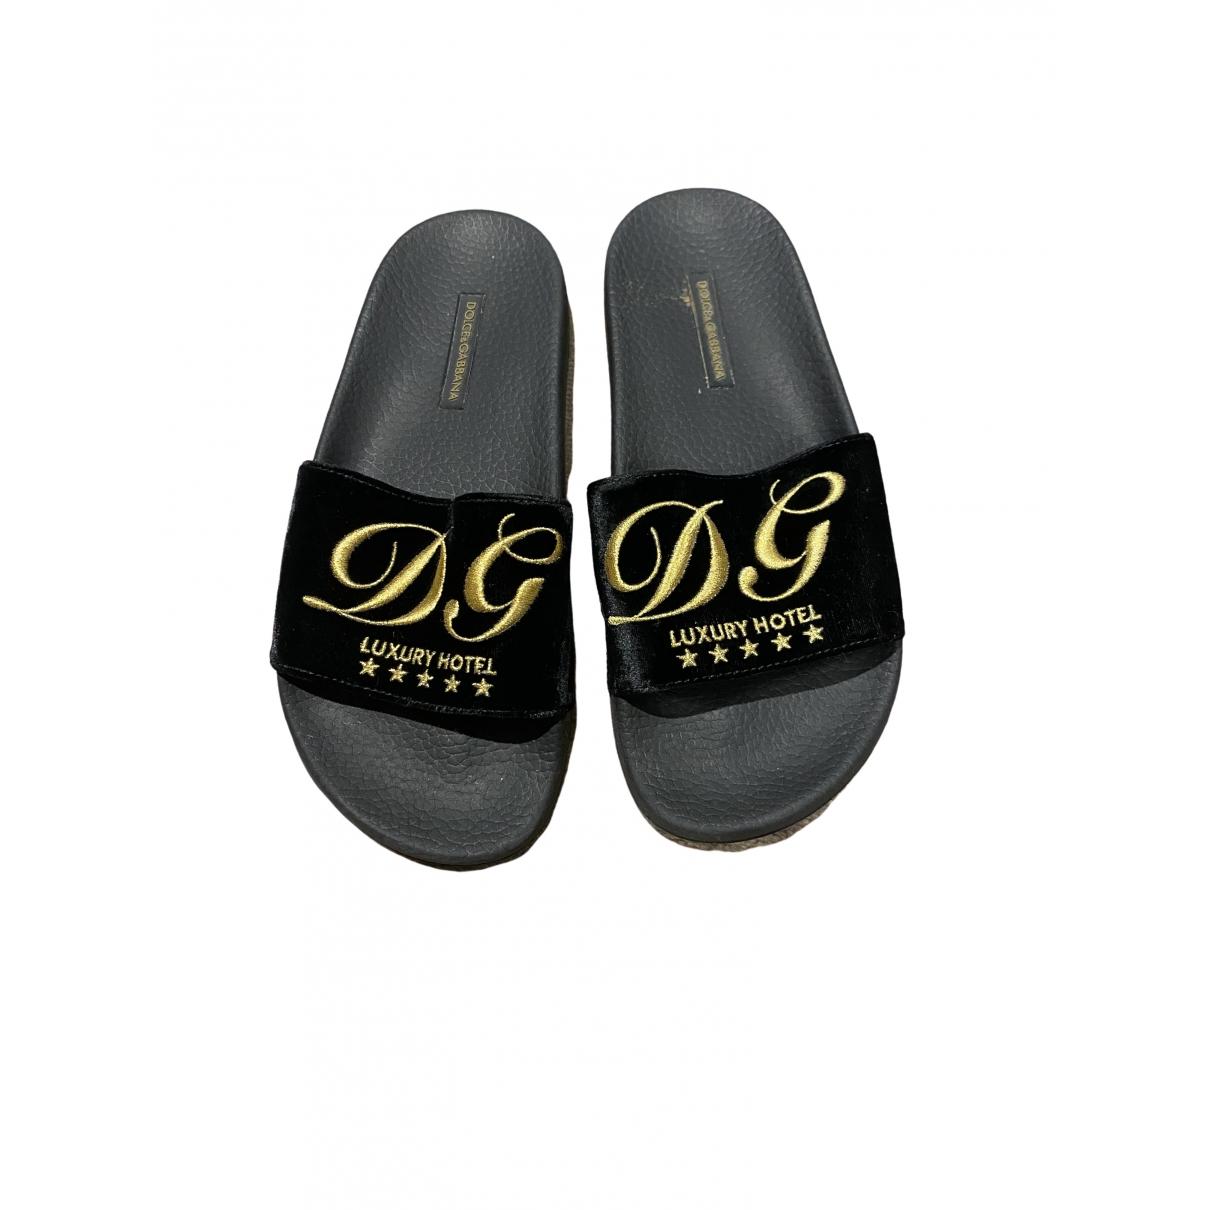 Zuecos de Terciopelo Dolce & Gabbana